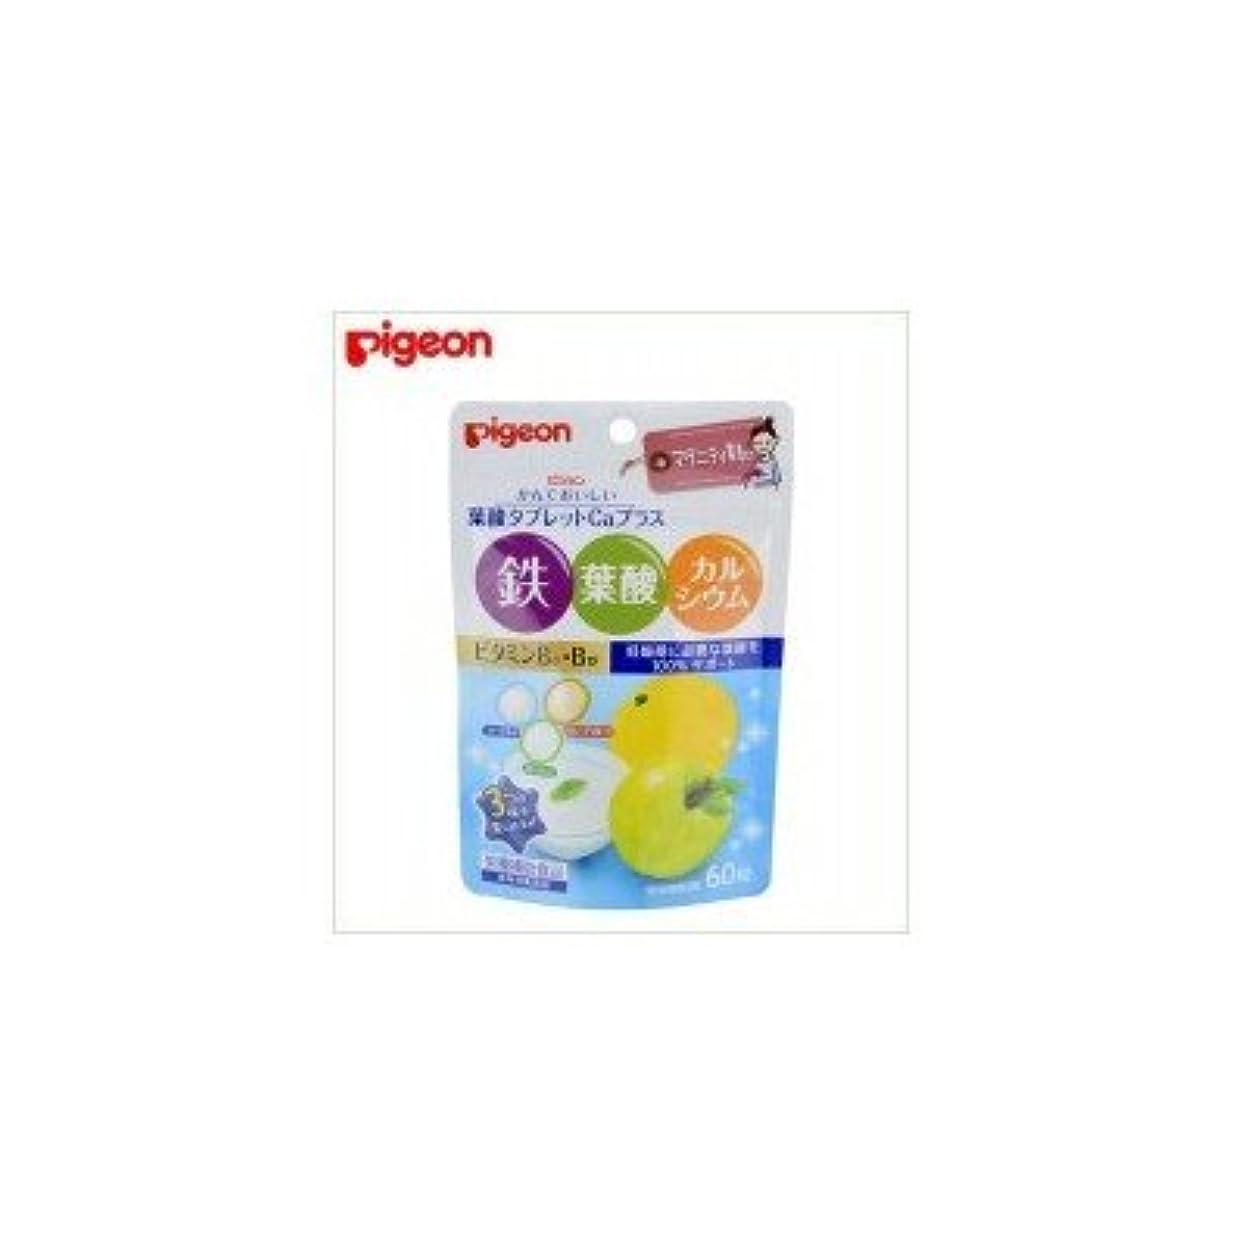 シンボル故意の失効Pigeon(ピジョン) サプリメント 栄養補助食品 かんでおいしい葉酸タブレット Caプラス 60粒 20446